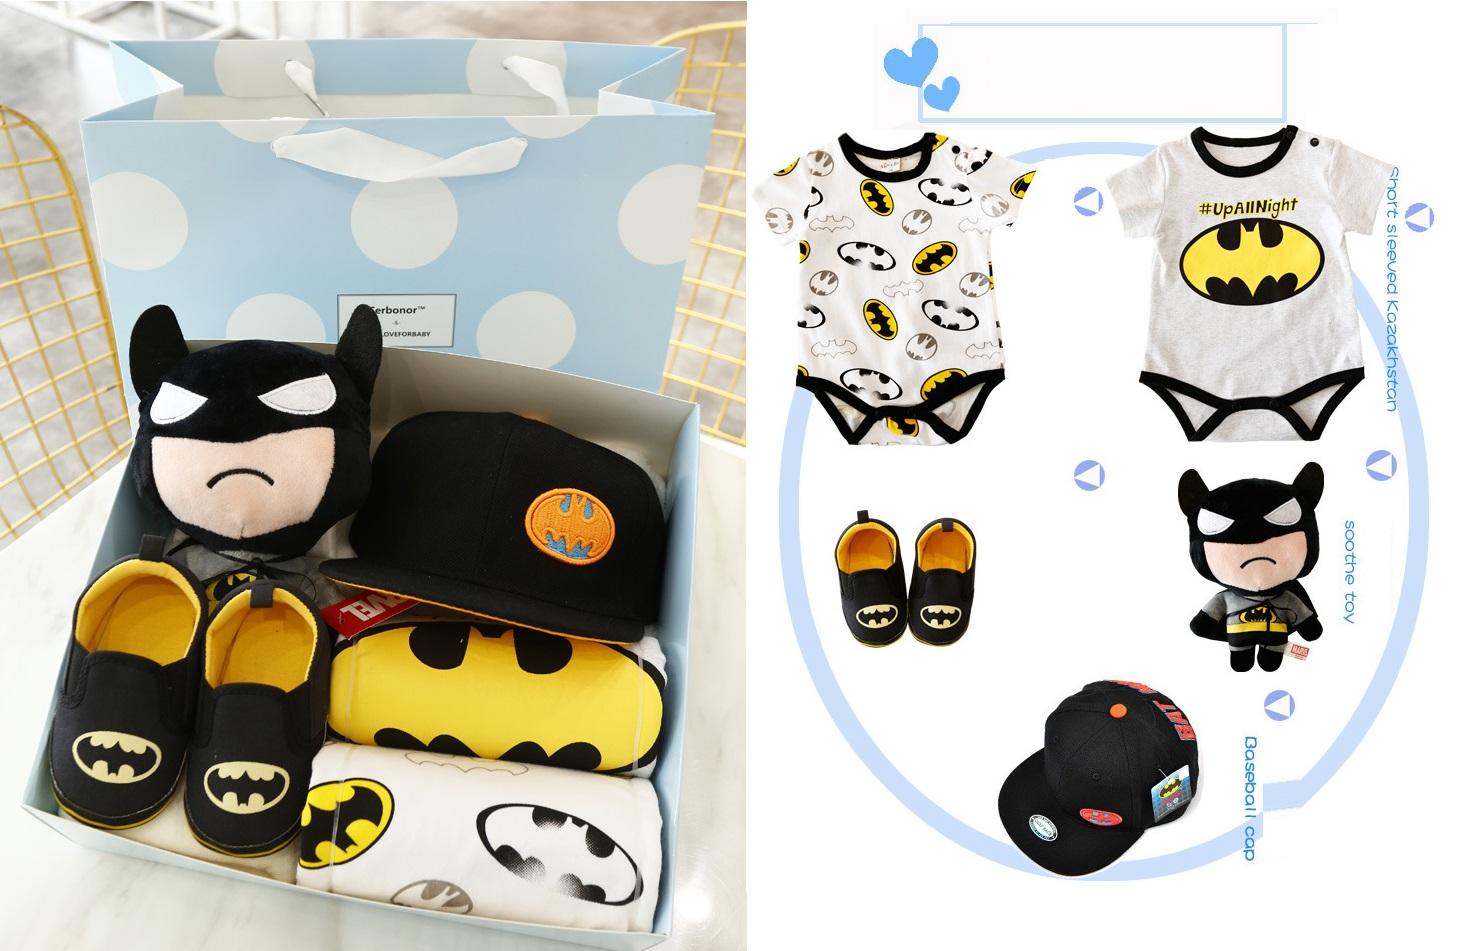 AZUZA - tanio sklep internetowy ubrania dla dzieci